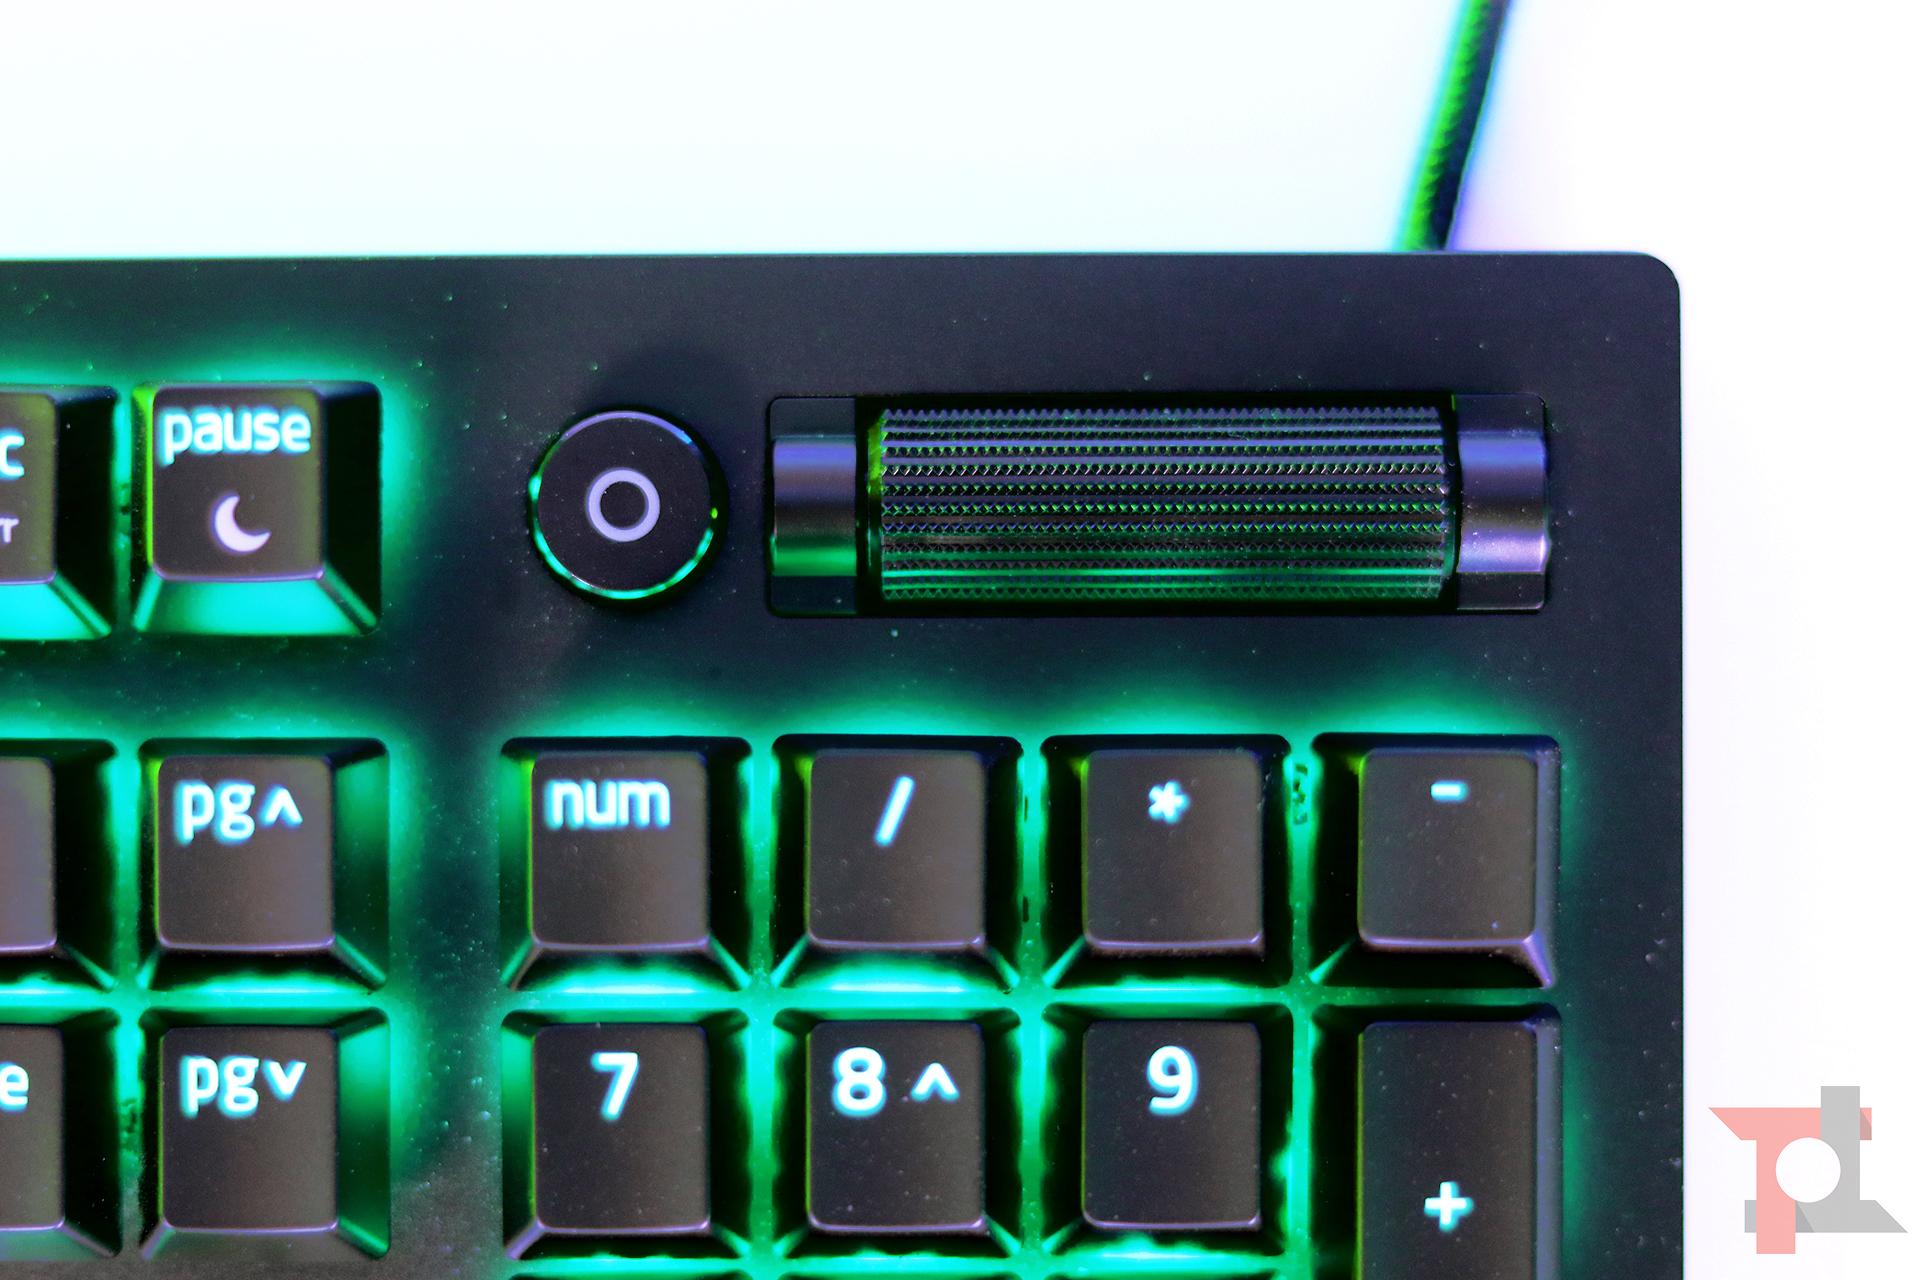 Recensione Razer BlackWidow V3: gli switch verdi fanno davvero la differenza in gioco 2